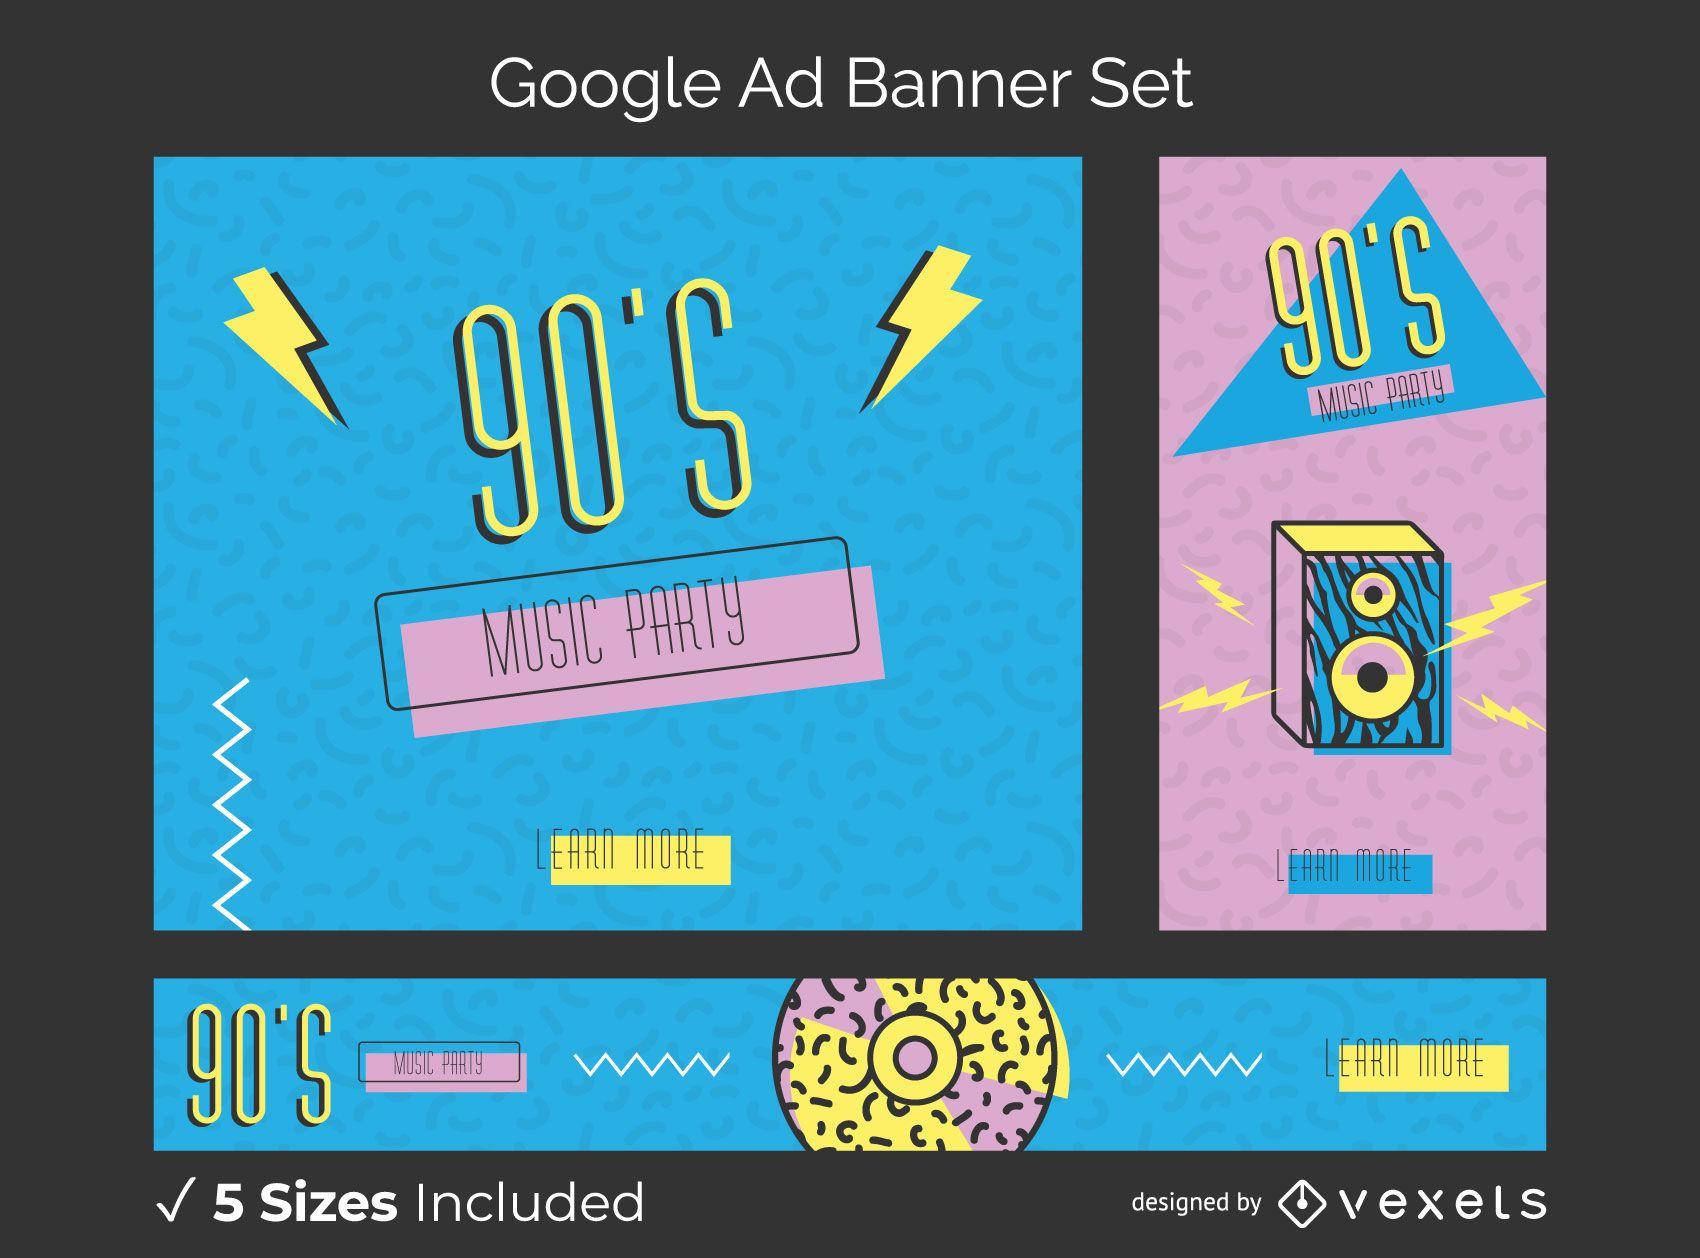 Conjunto de banners de anúncios memphis dos anos 90